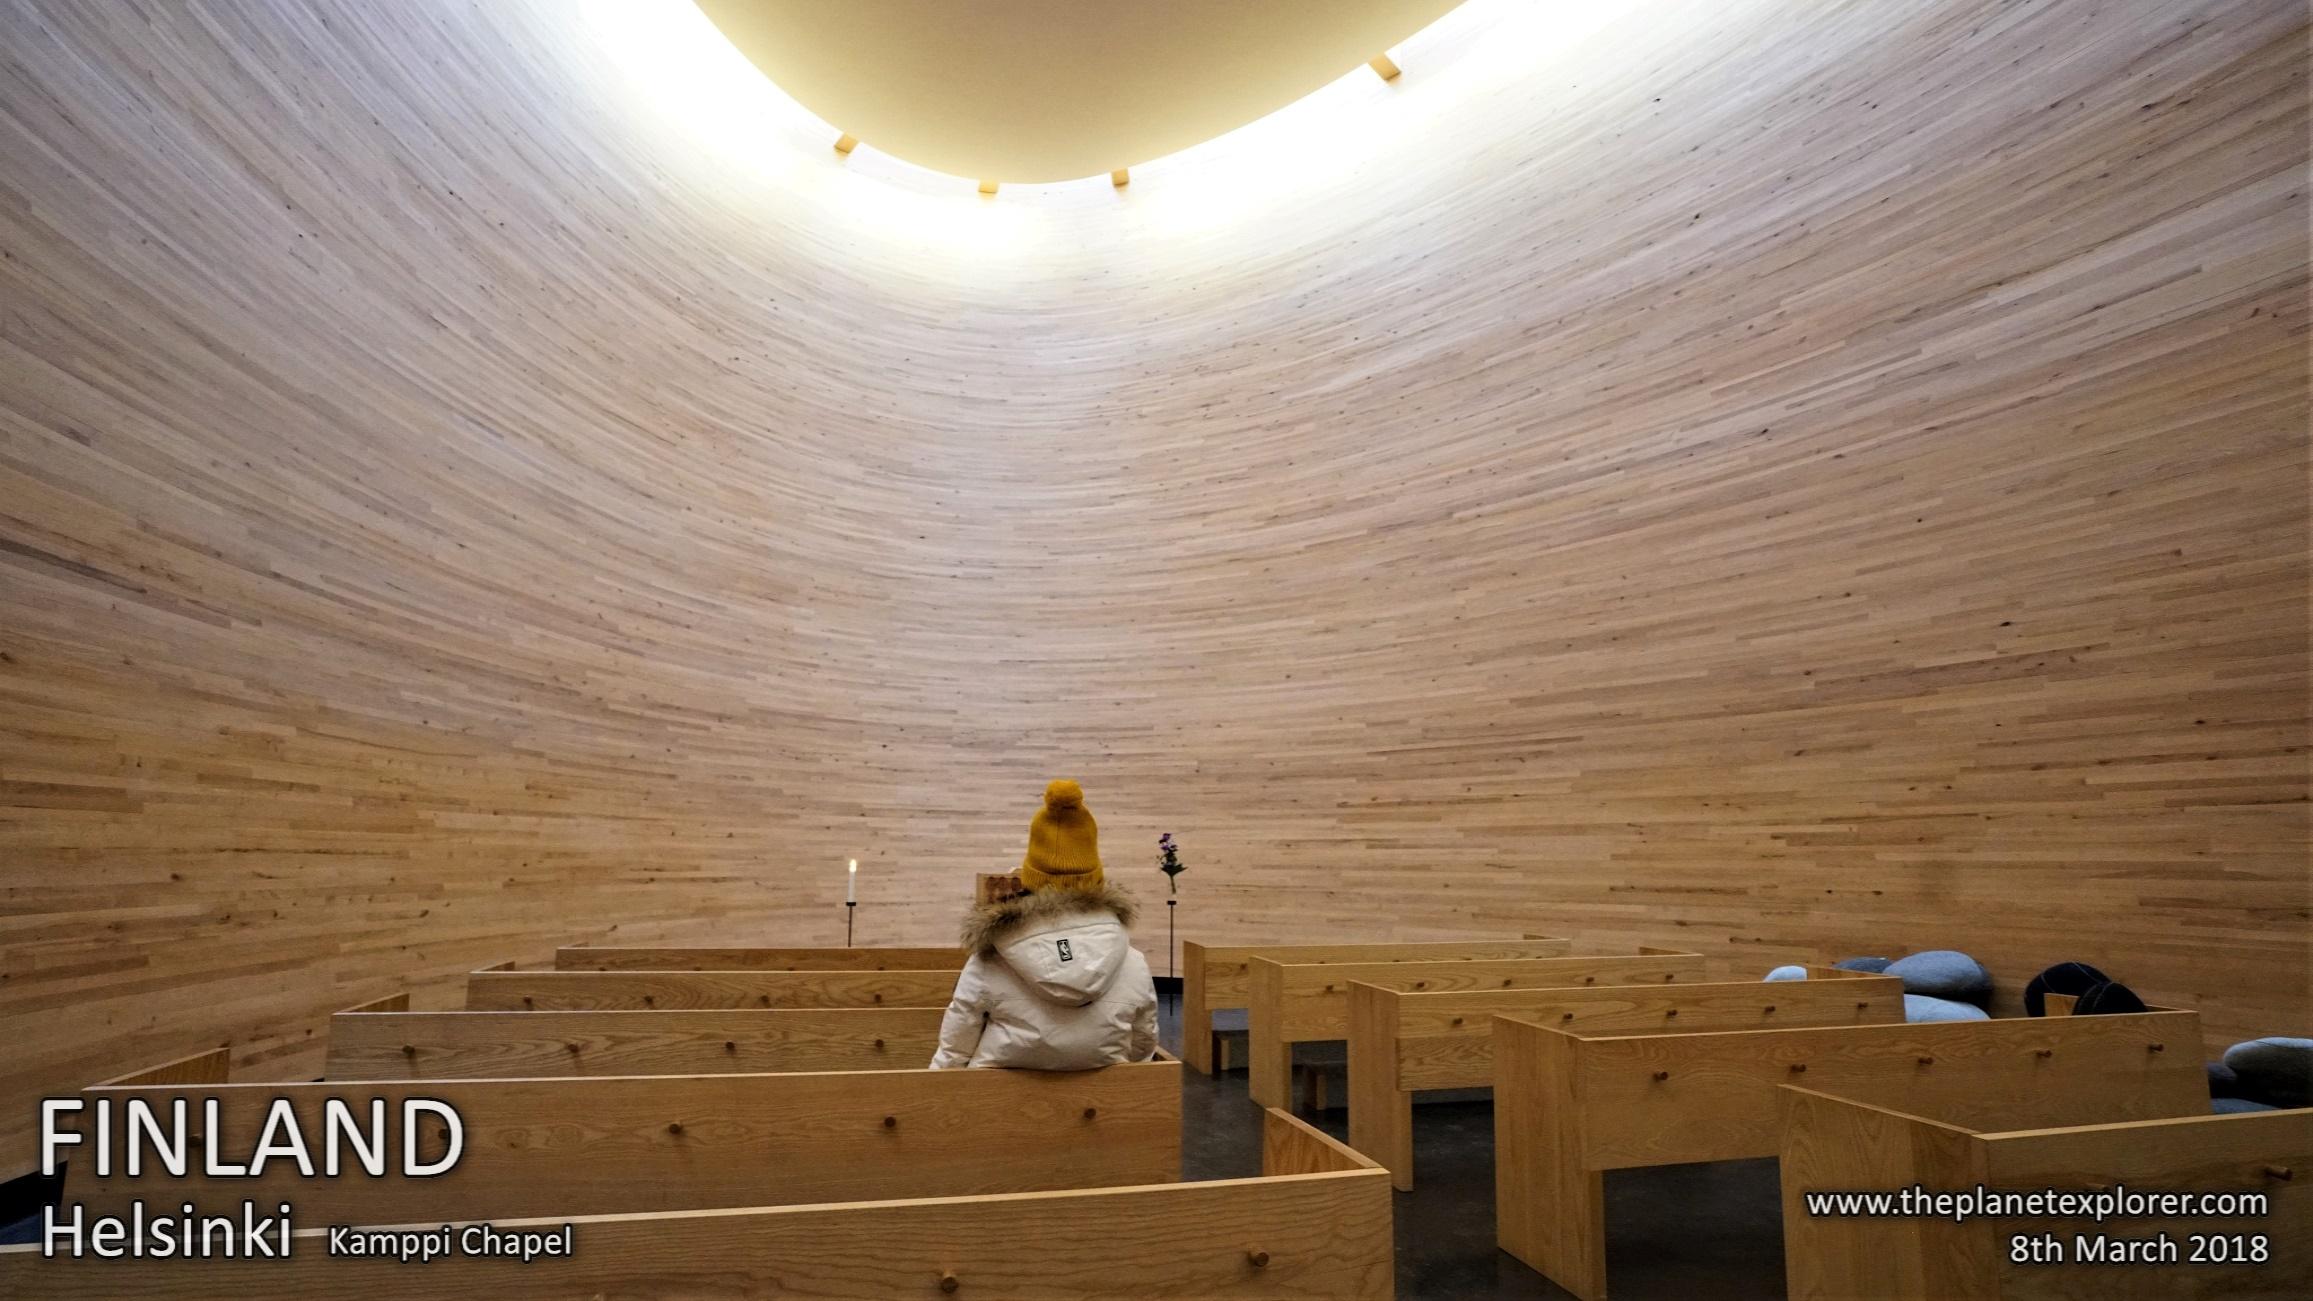 20180308_1555_Finland_Helsinki_Narinkka Square_Kamppi Chapel_Joanna_DSC09934_Sony a7R2_LR_@www